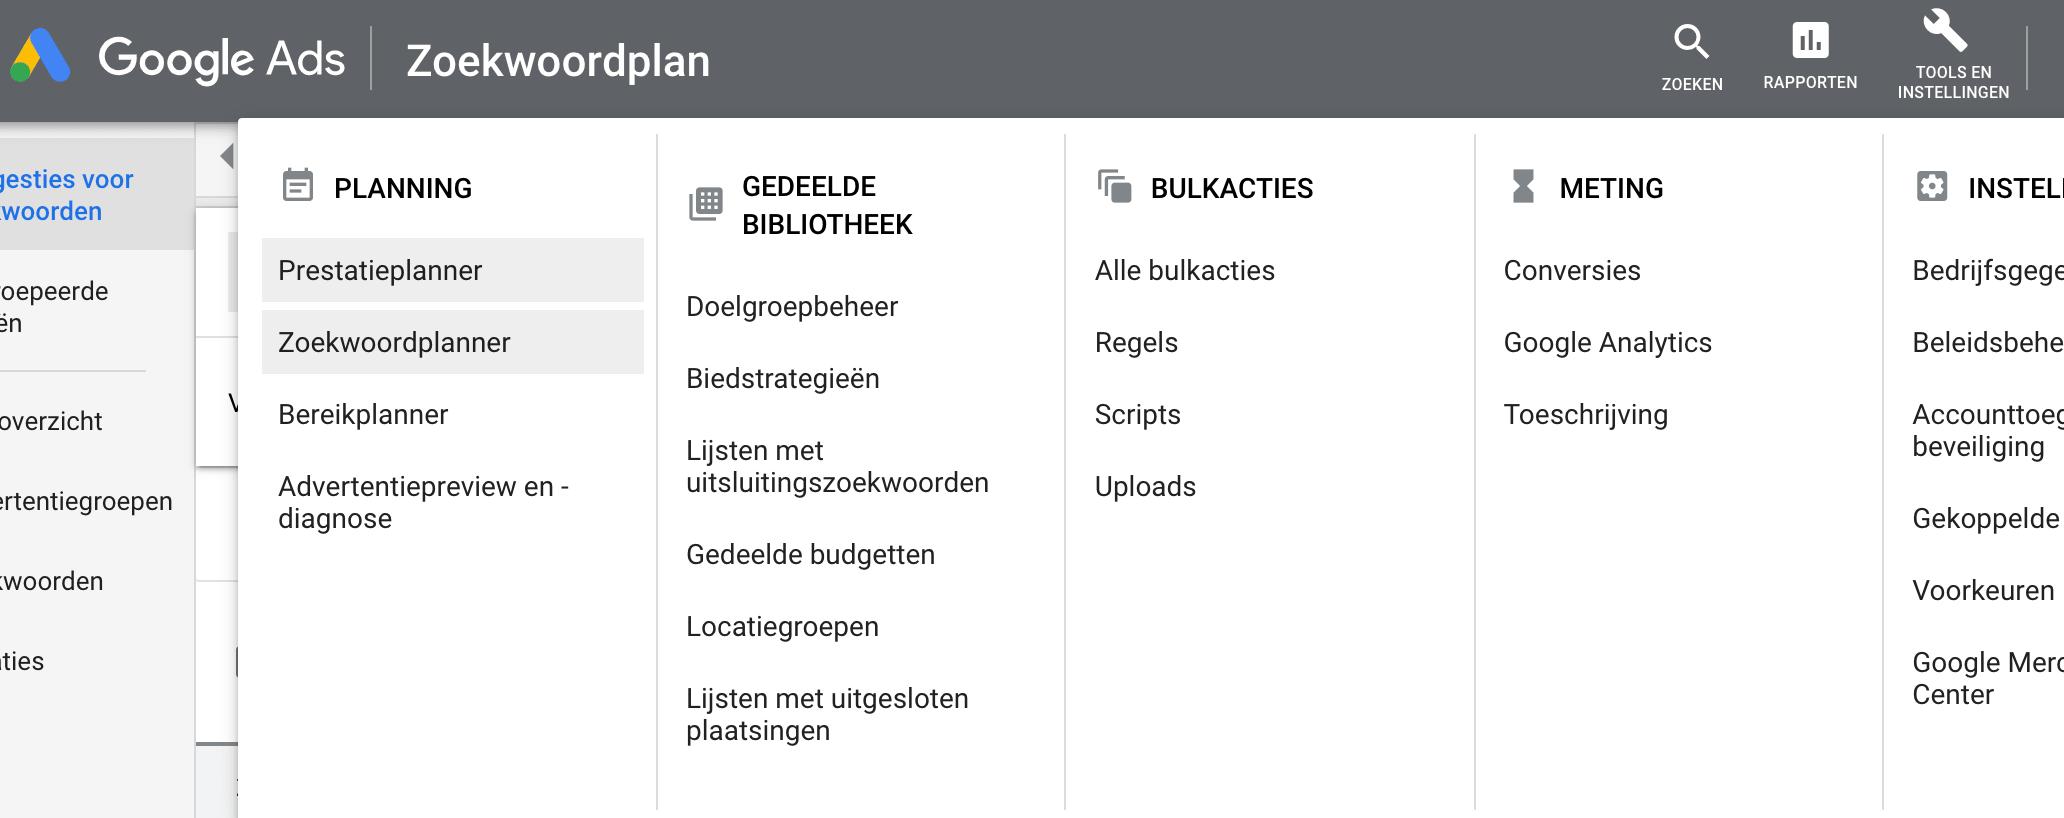 Zoekwoordplanner Google Ads